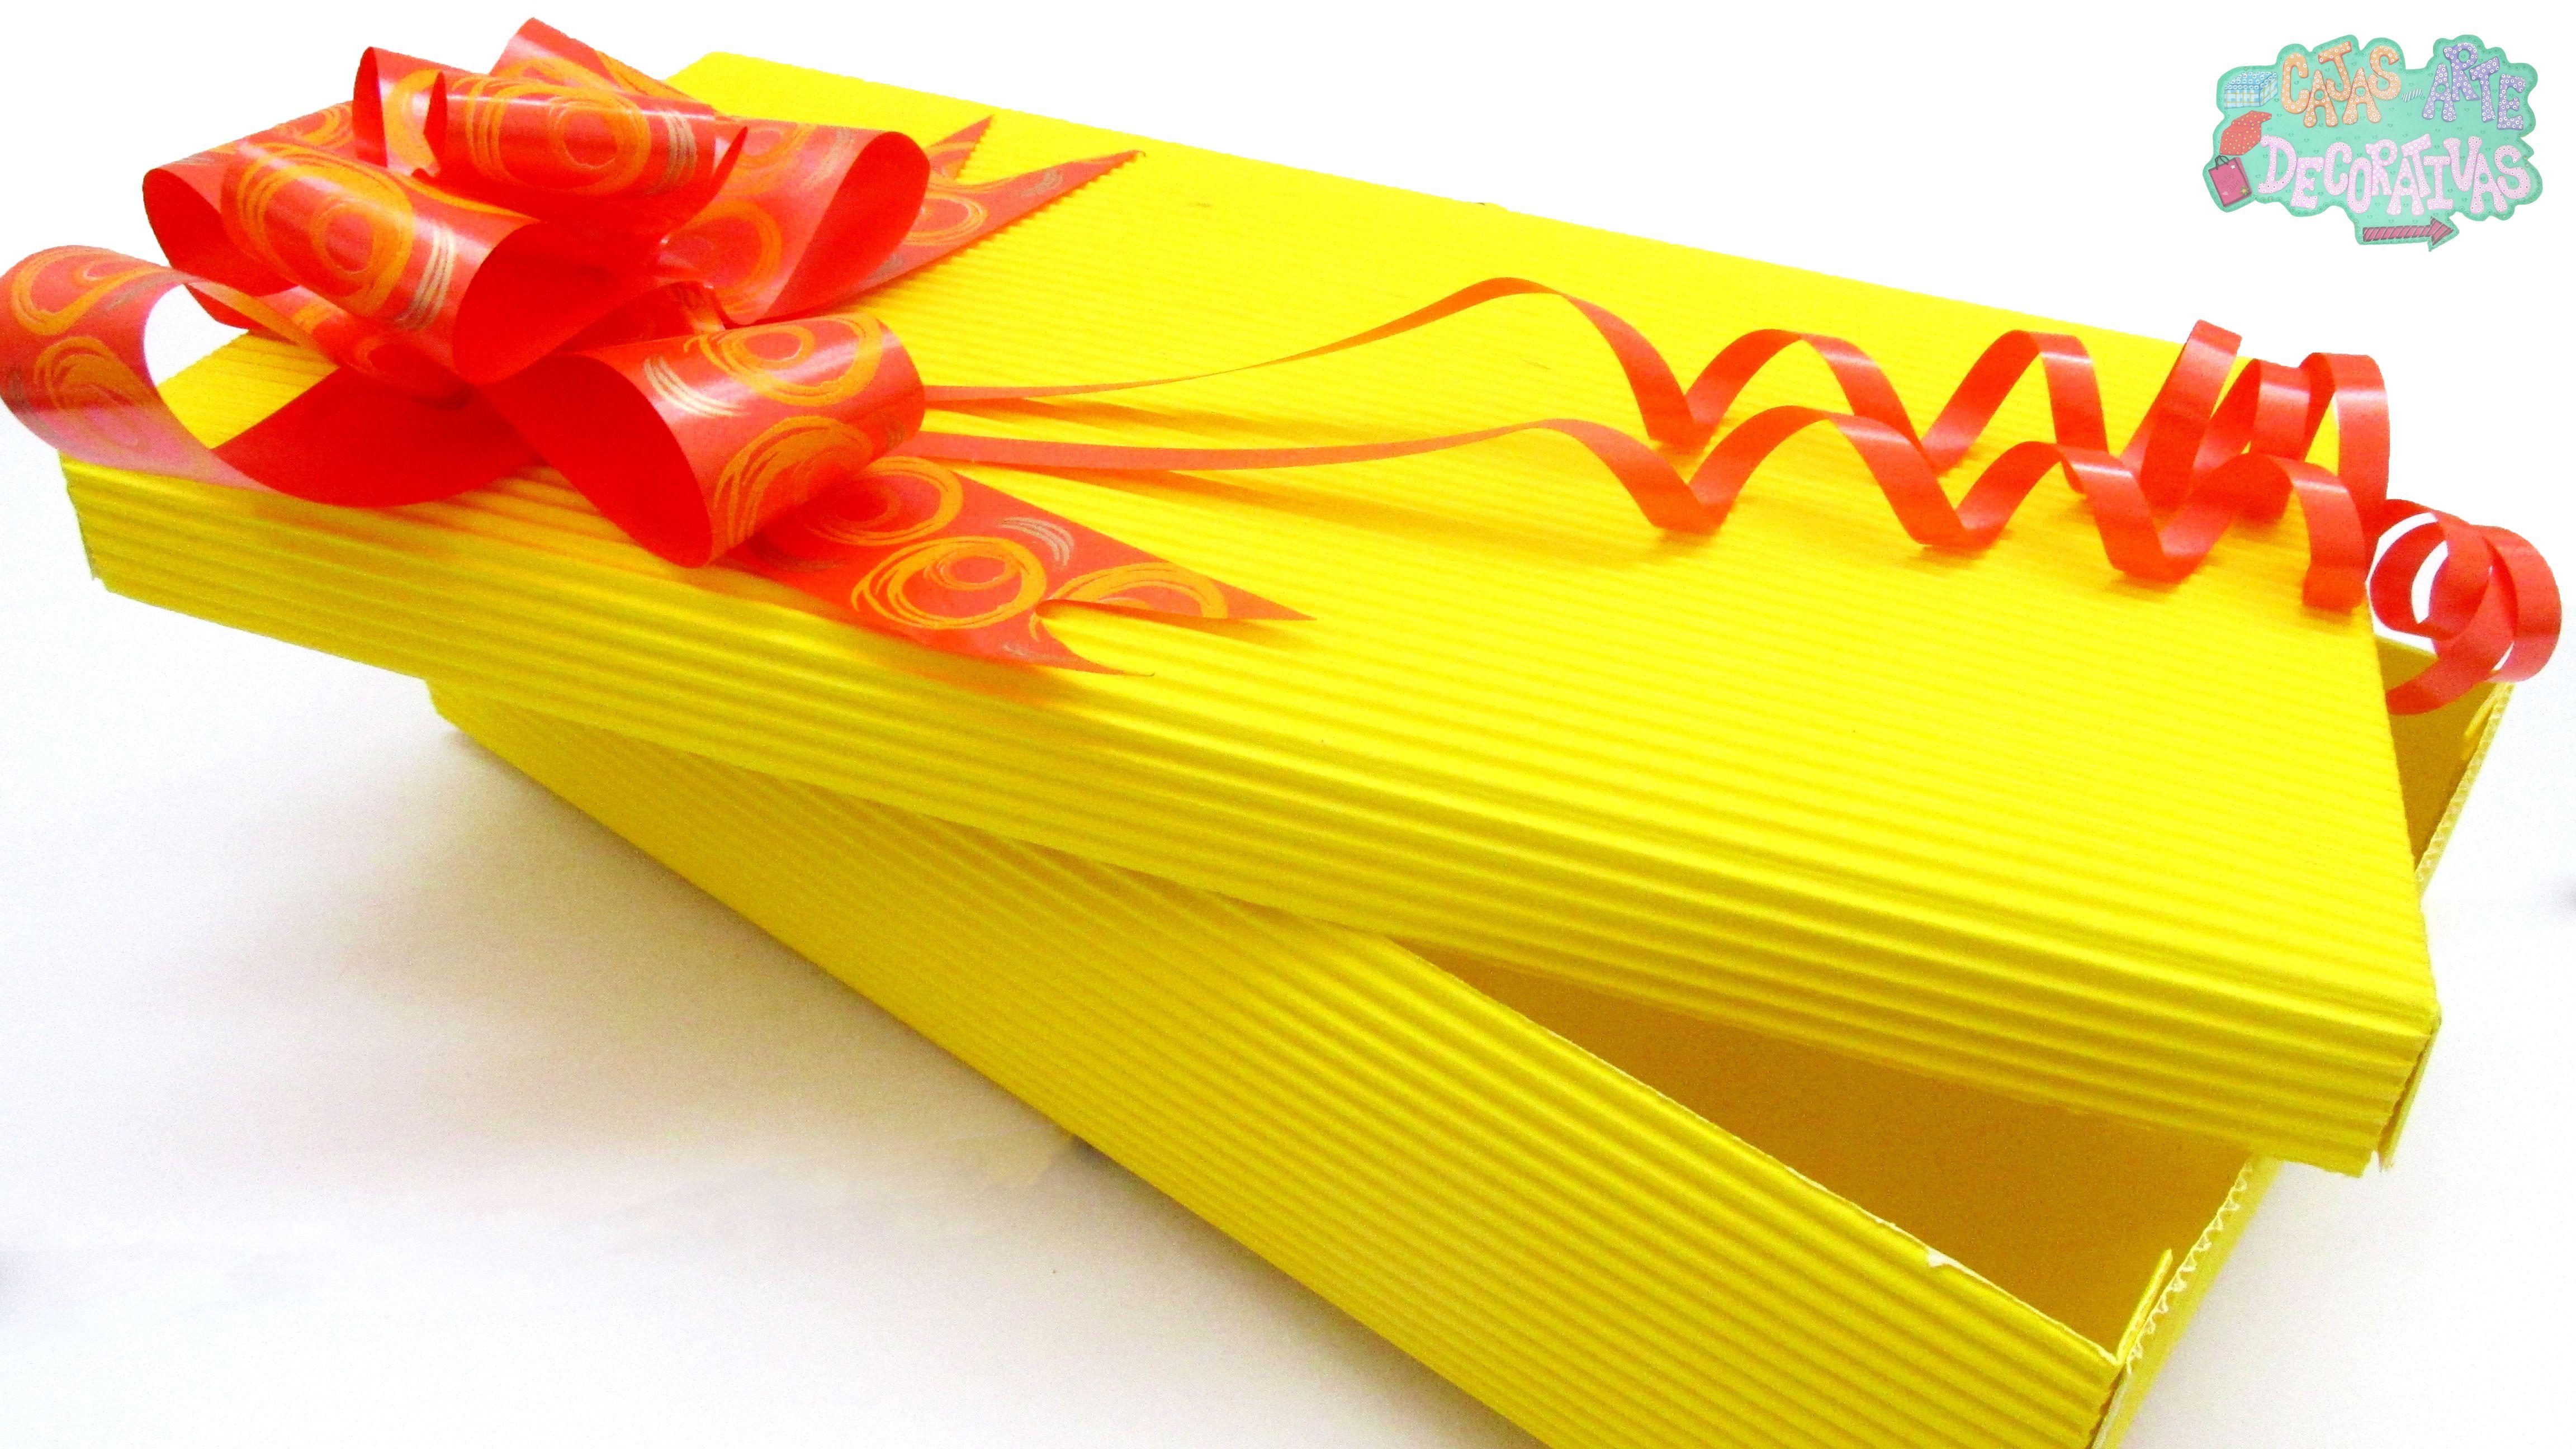 Caja De Cartón Corrugado Color Amarillo Muy Estilo Otoñal Y Del Mes De Halloween Para Una Sorpresa Muy Cajista Home Appliances